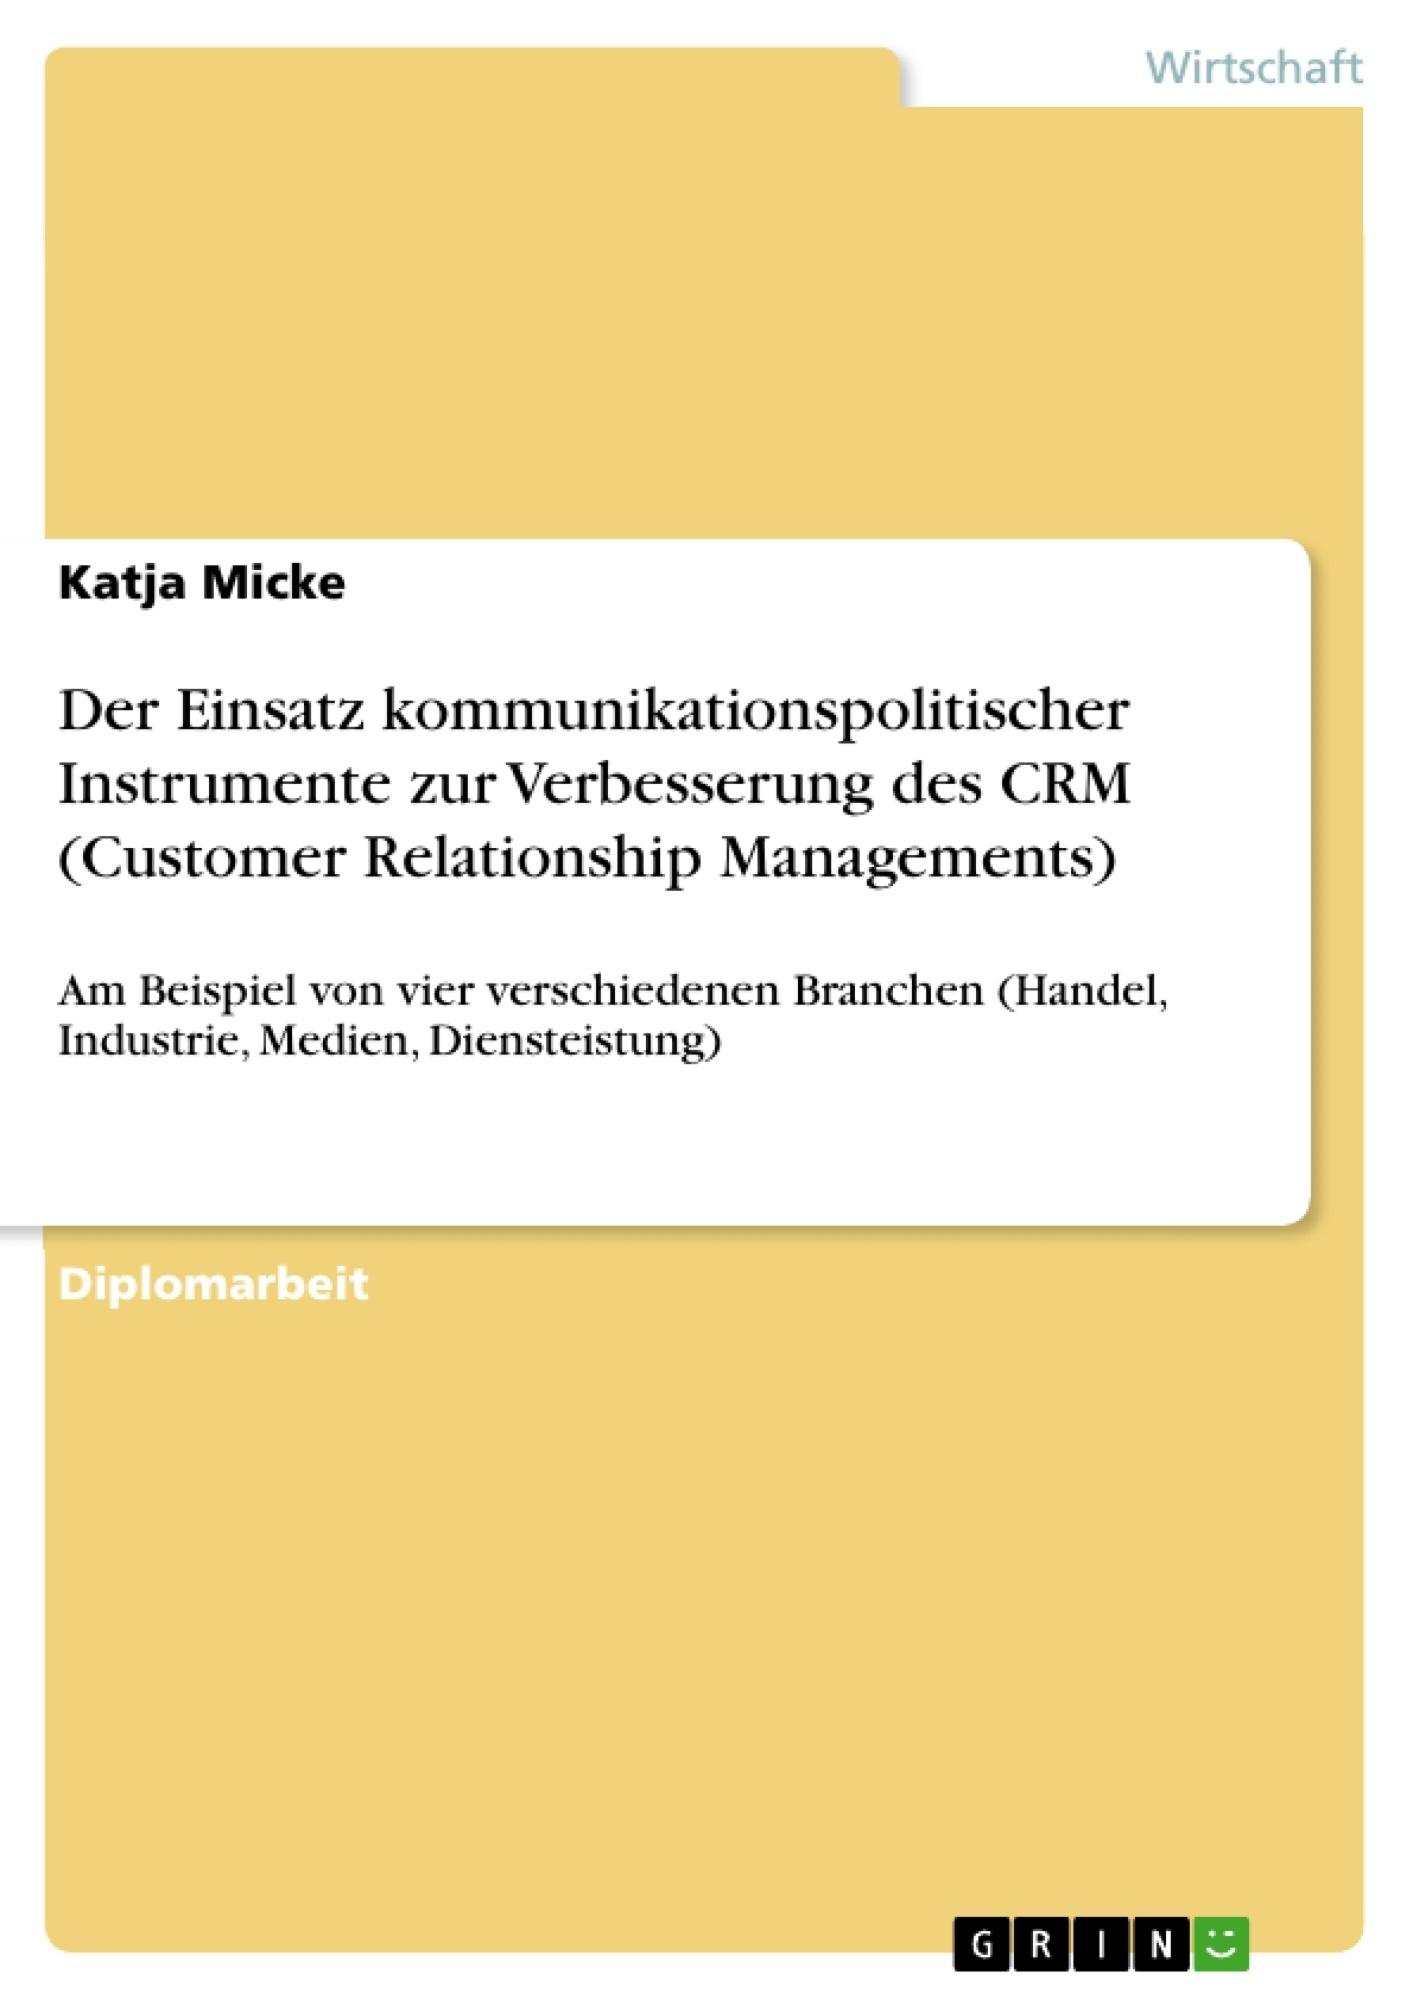 Titel: Der Einsatz kommunikationspolitischer Instrumente zur Verbesserung des CRM (Customer Relationship Managements)